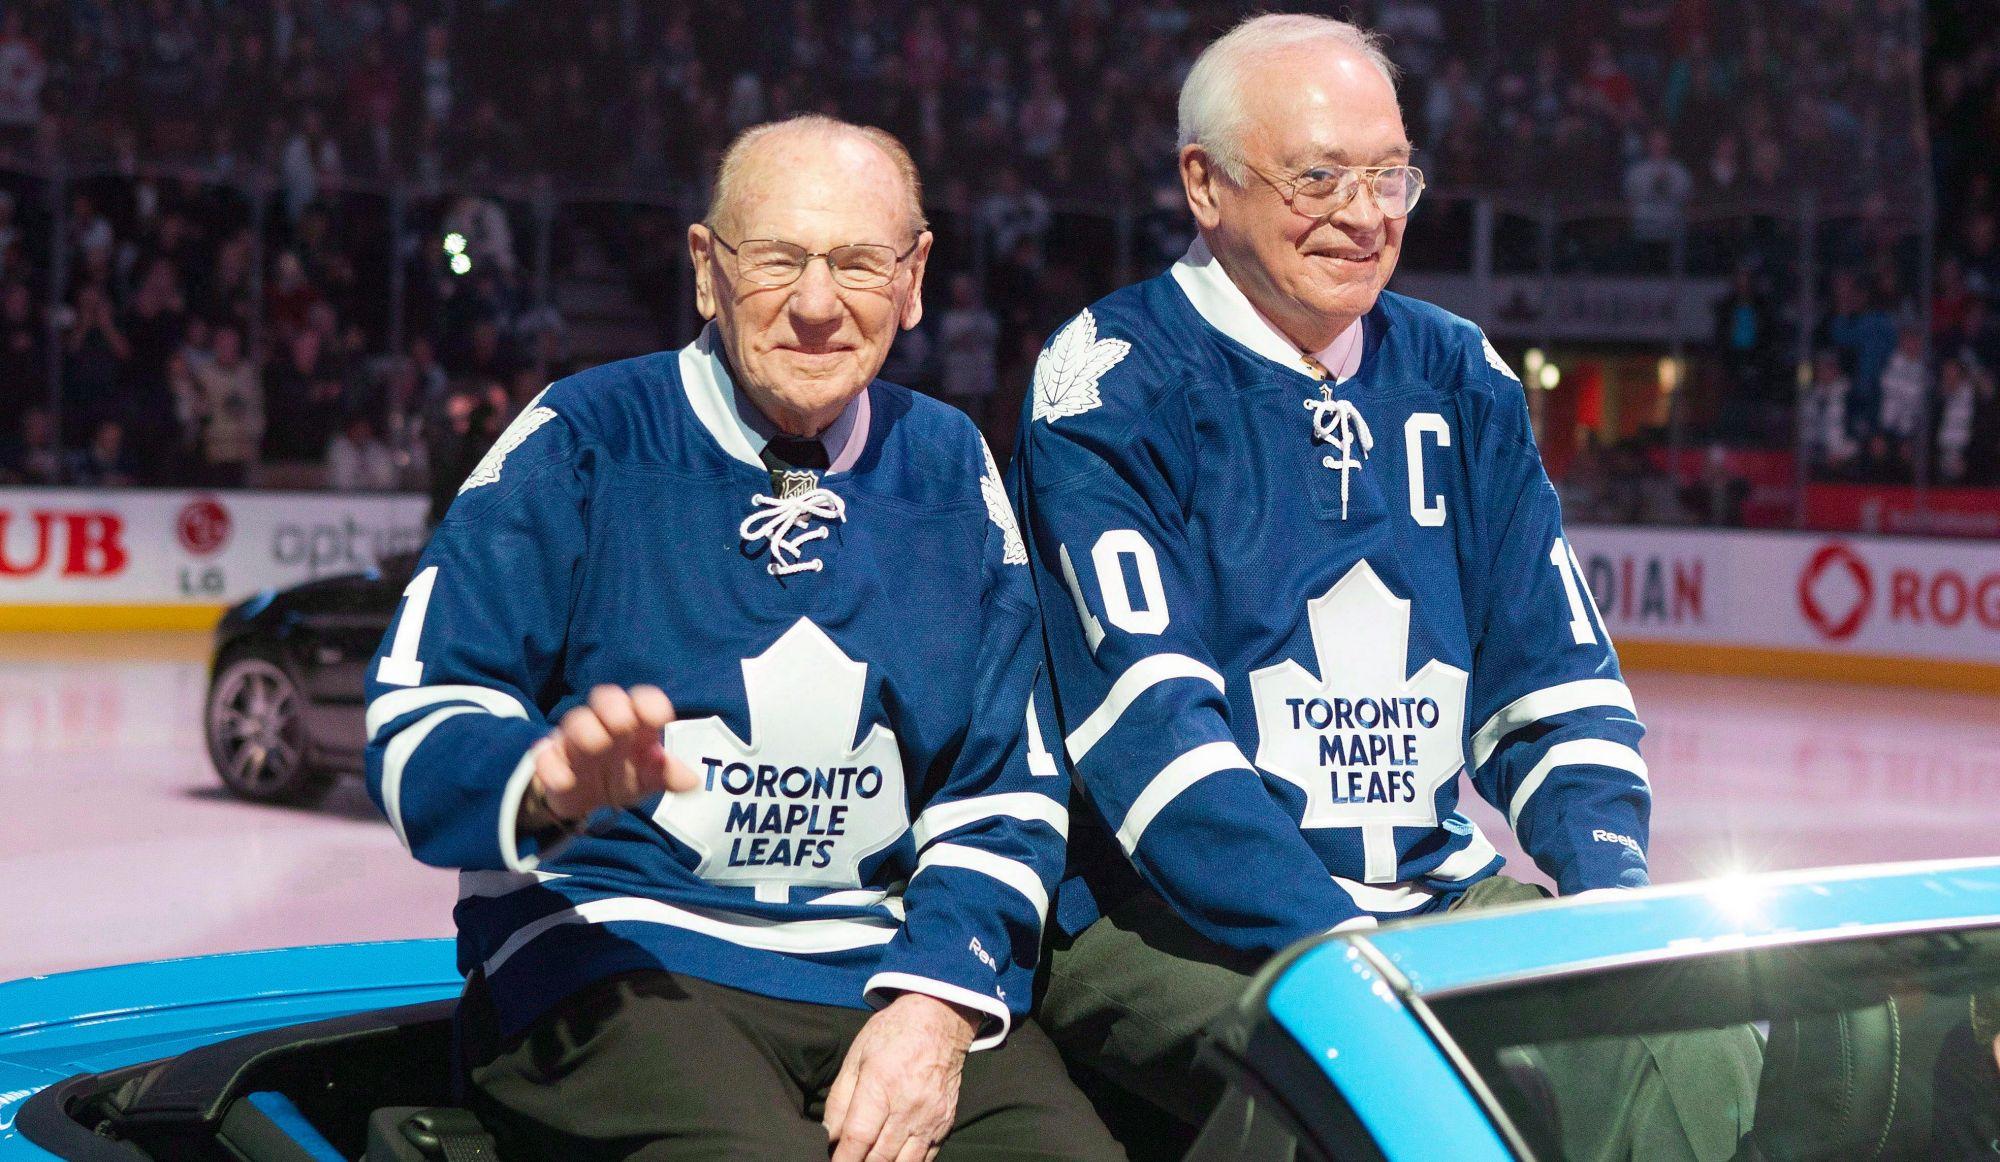 Hommage des Maple Leafs pour les funérailles deJohnny Bower (vidéo)